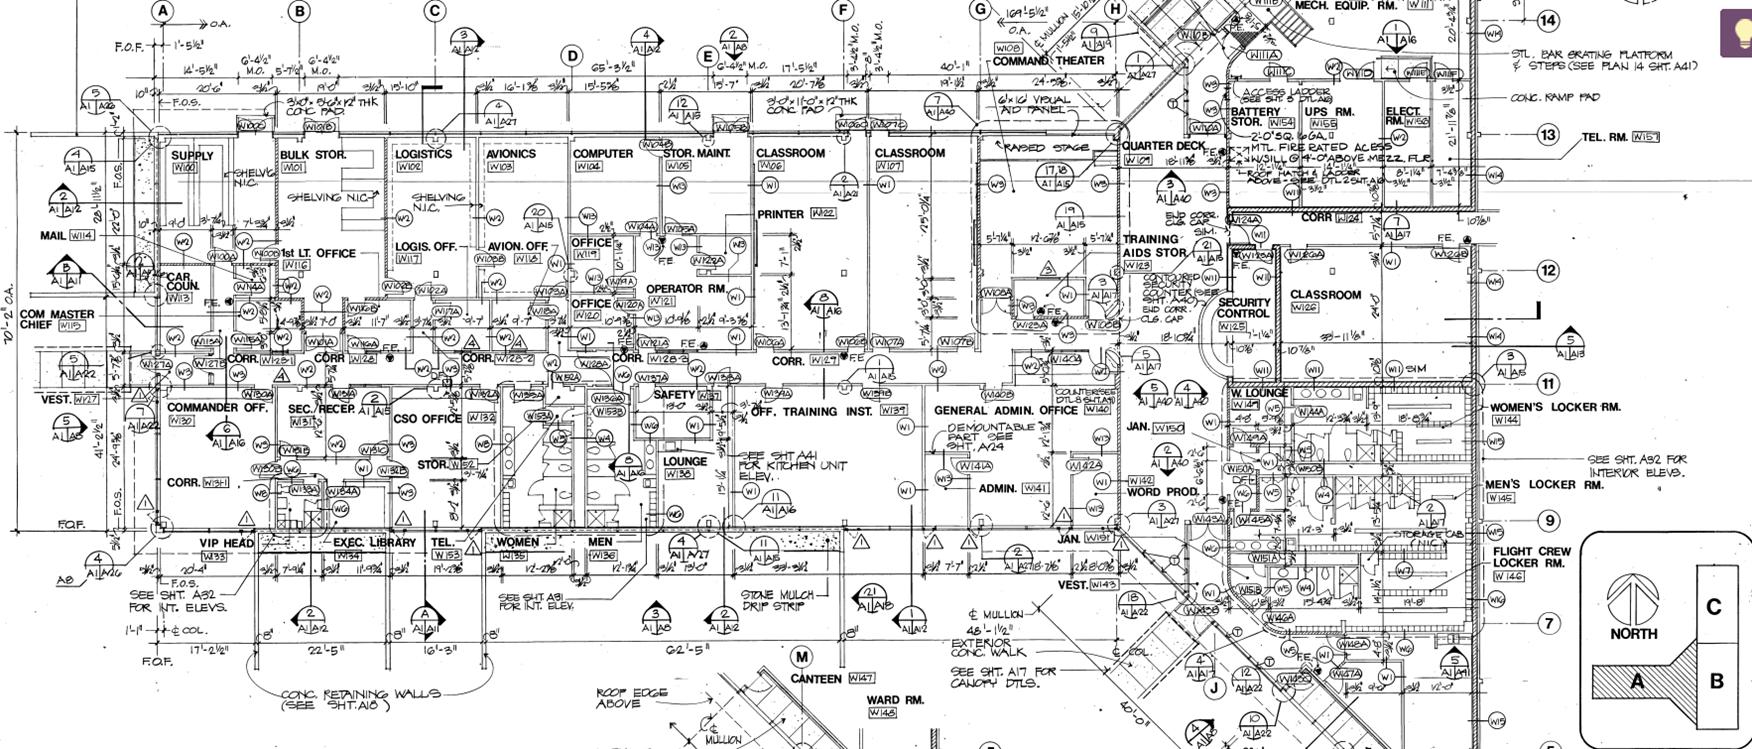 Floor plan of ASWOC